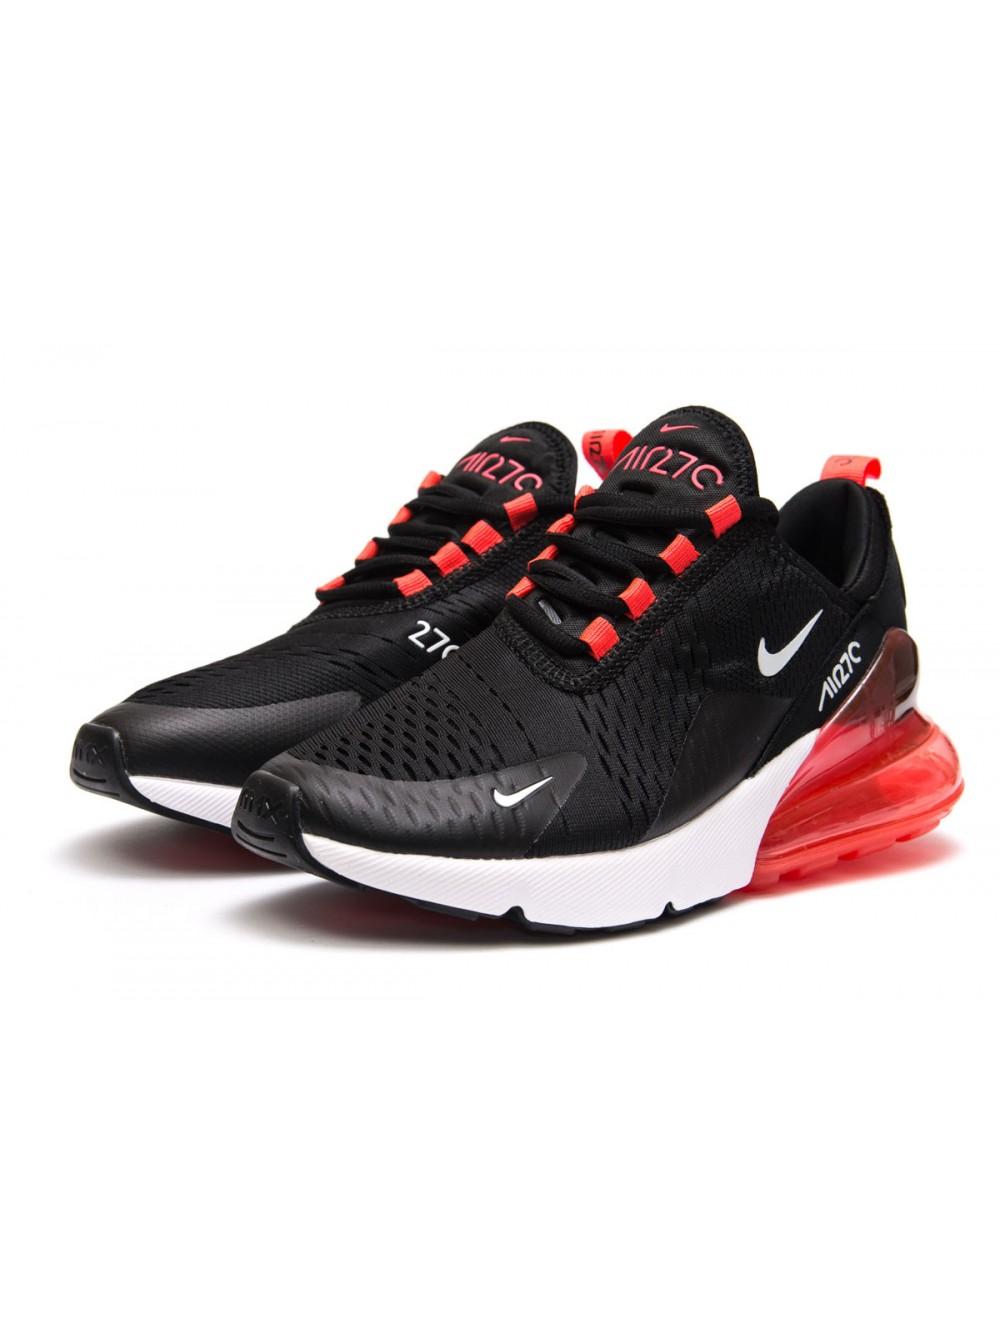 0914d1c405b615 Мужские кроссовки Nike Air 270, Чёрные, купить с доставкой по Украине